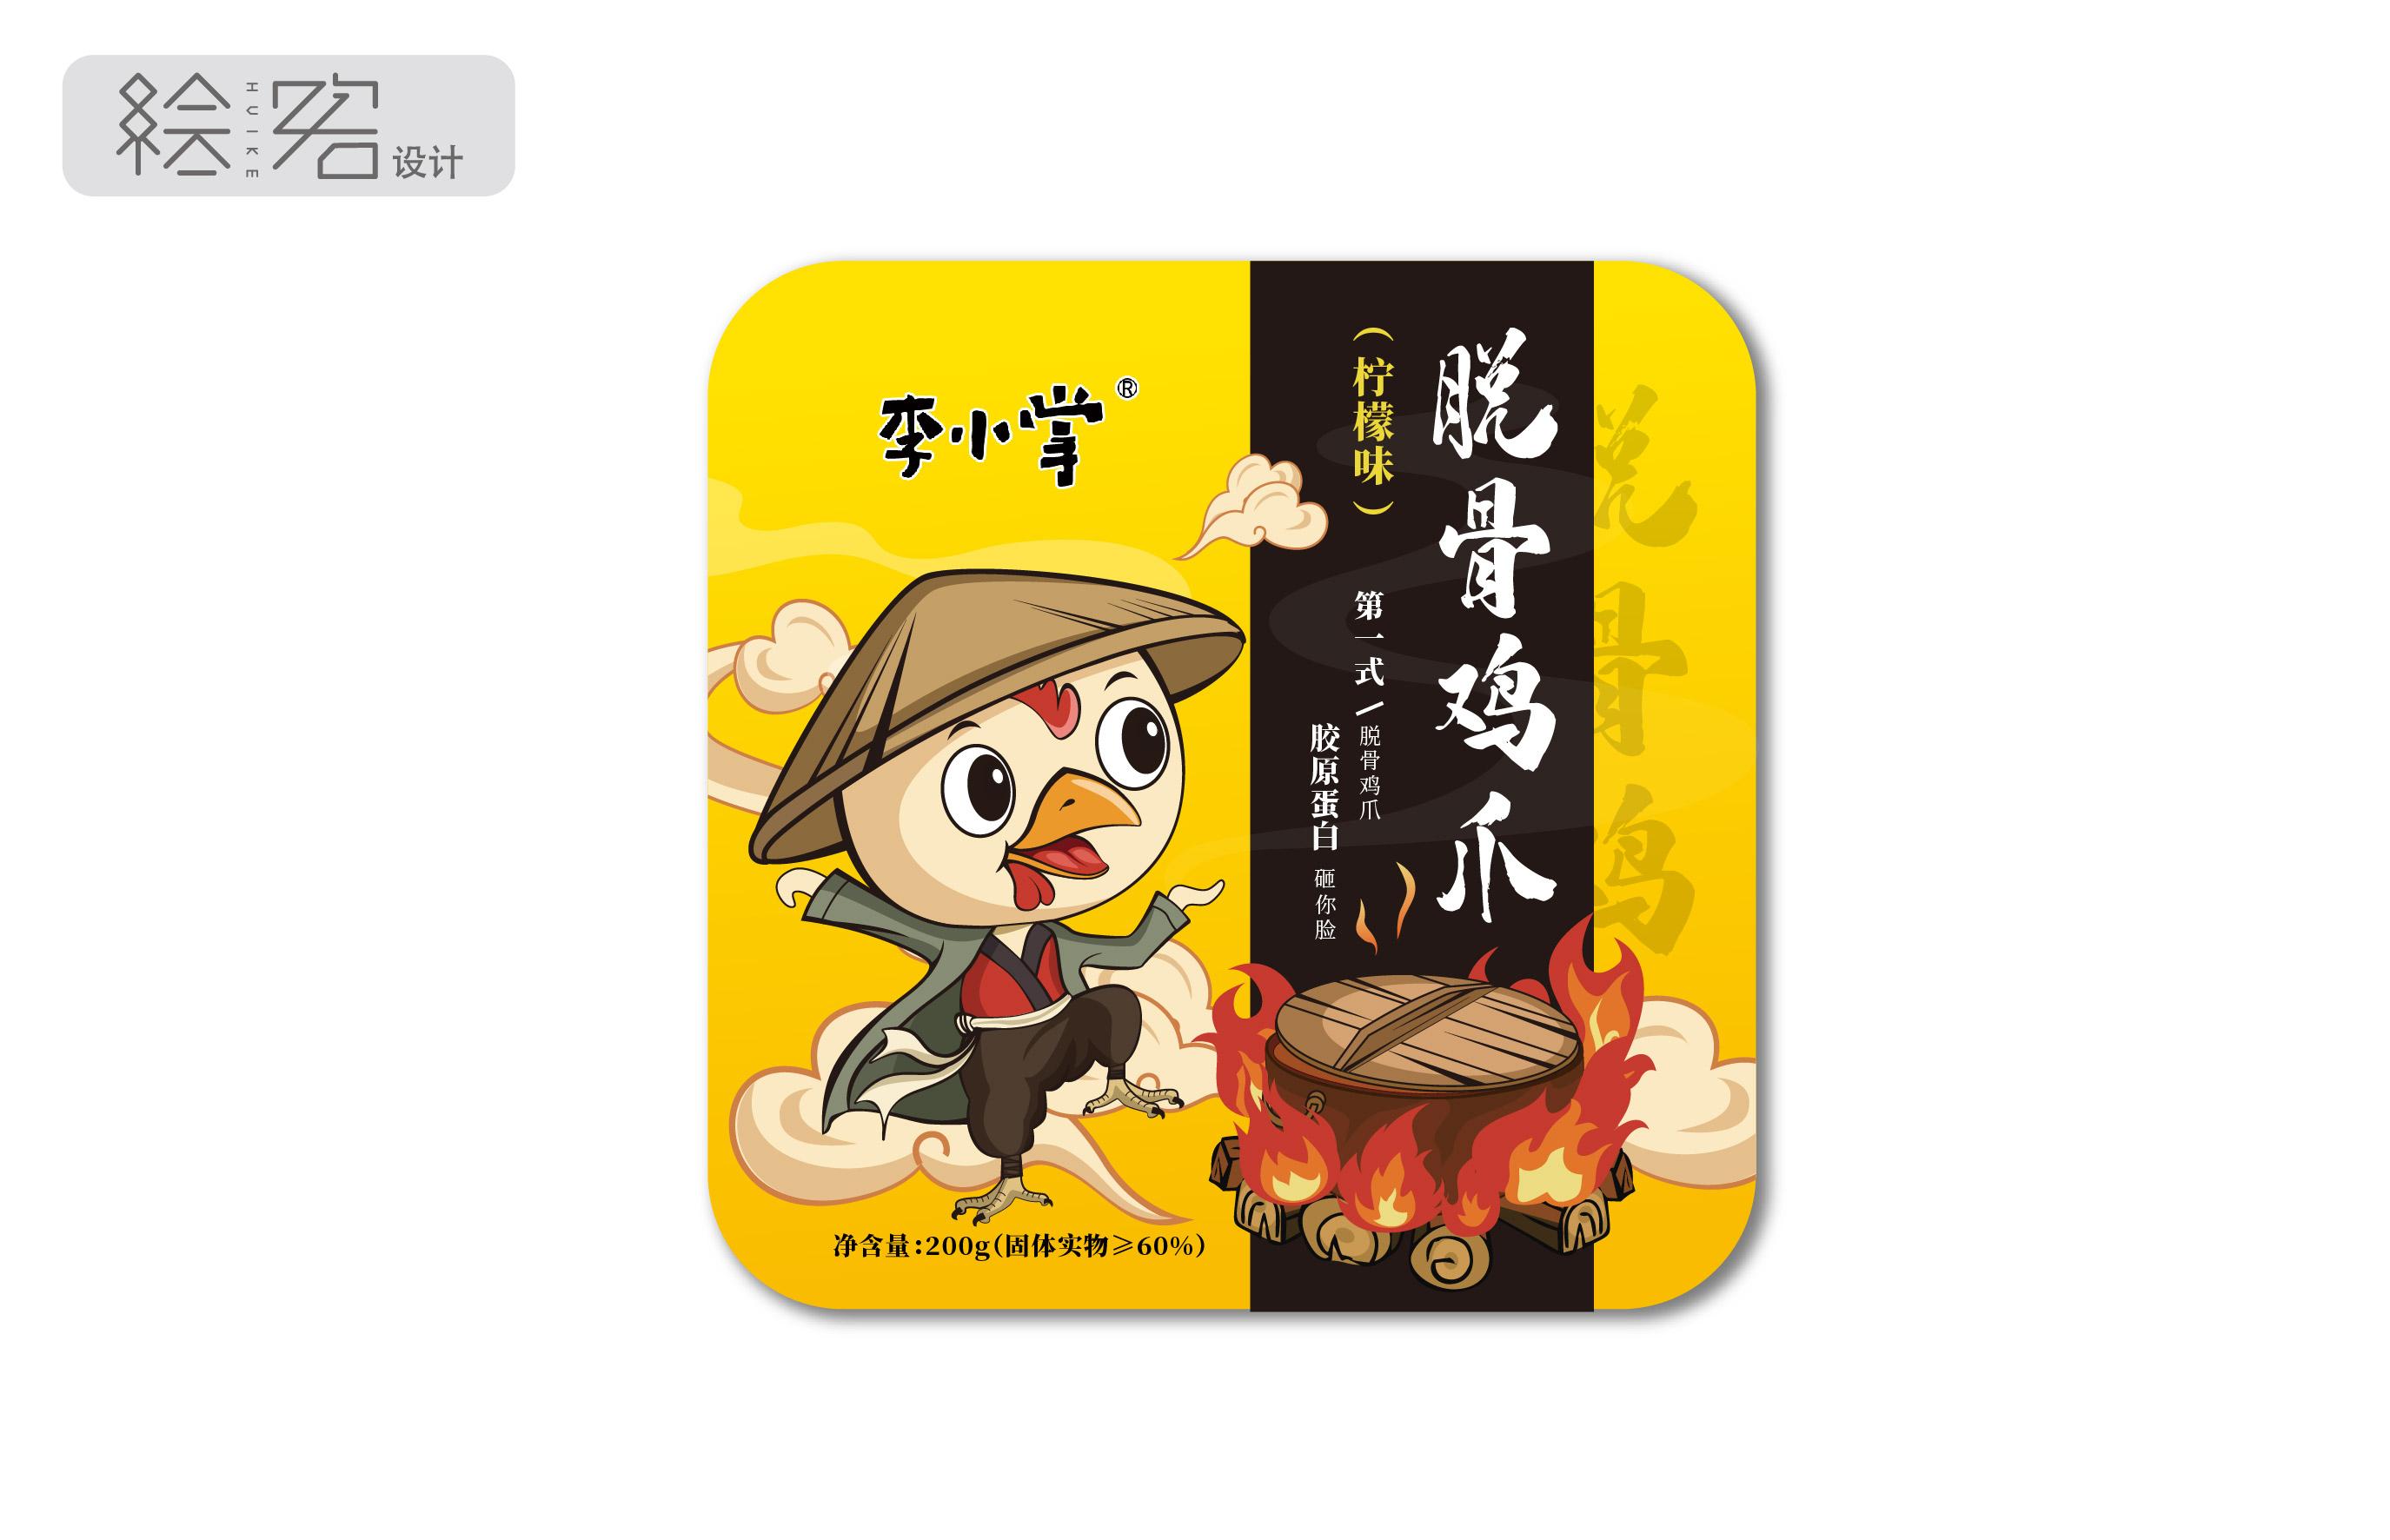 原创食品产品包装设计化妆品瓶贴包装盒设计水果食品茶叶包装设计